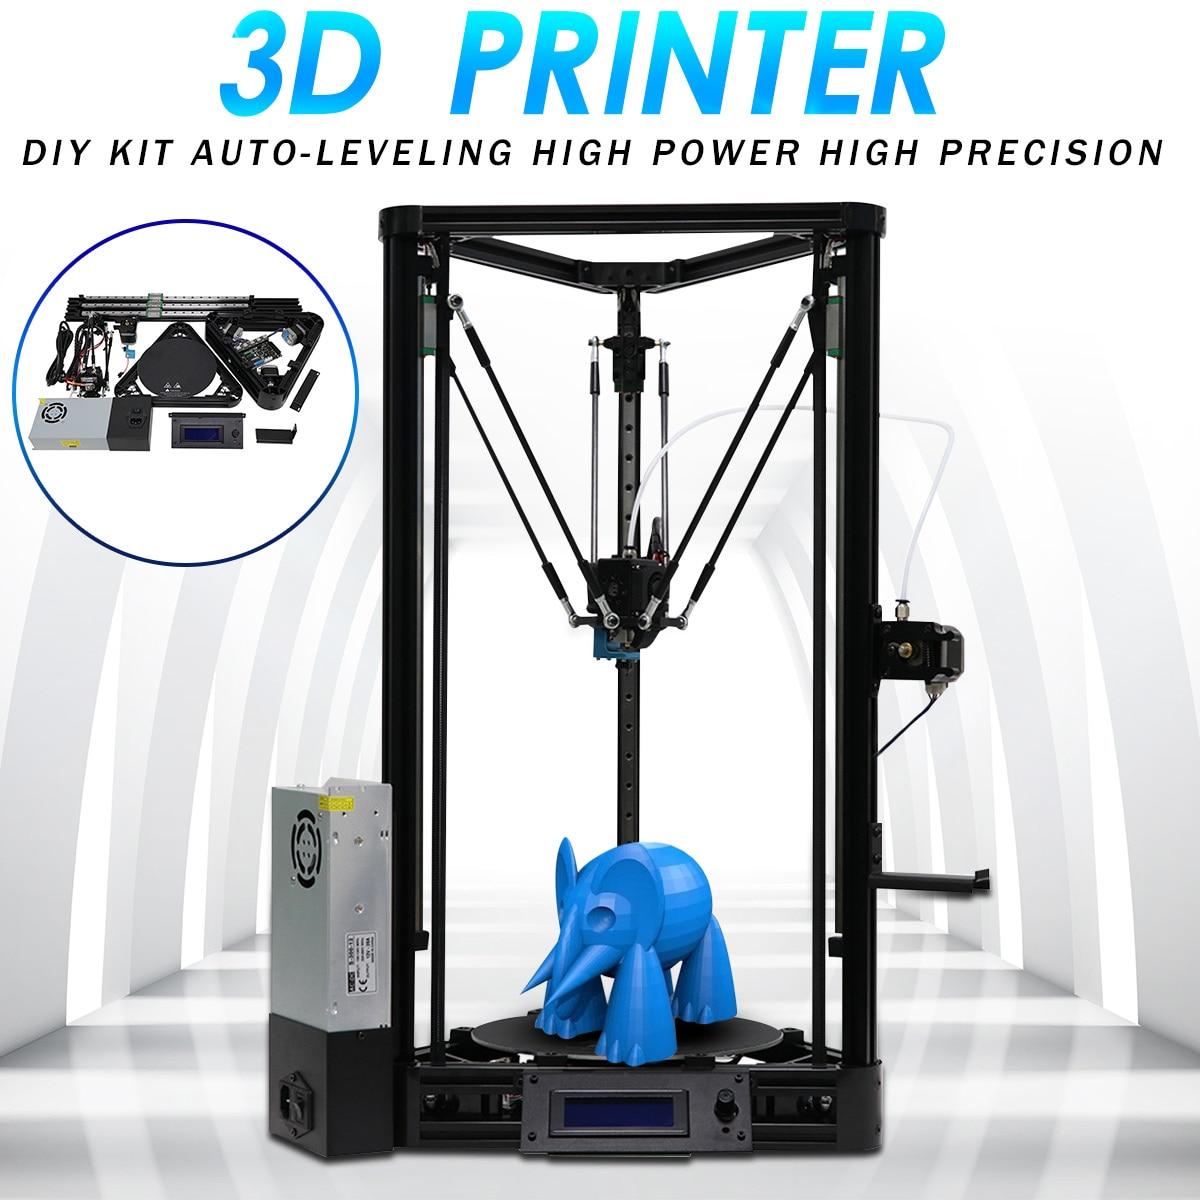 3D Imprimante Poulie ou Linéaire Plus La Moitié de Assemblé avec Auto Nivellement Grand 3D Impression Taille 230x300mm